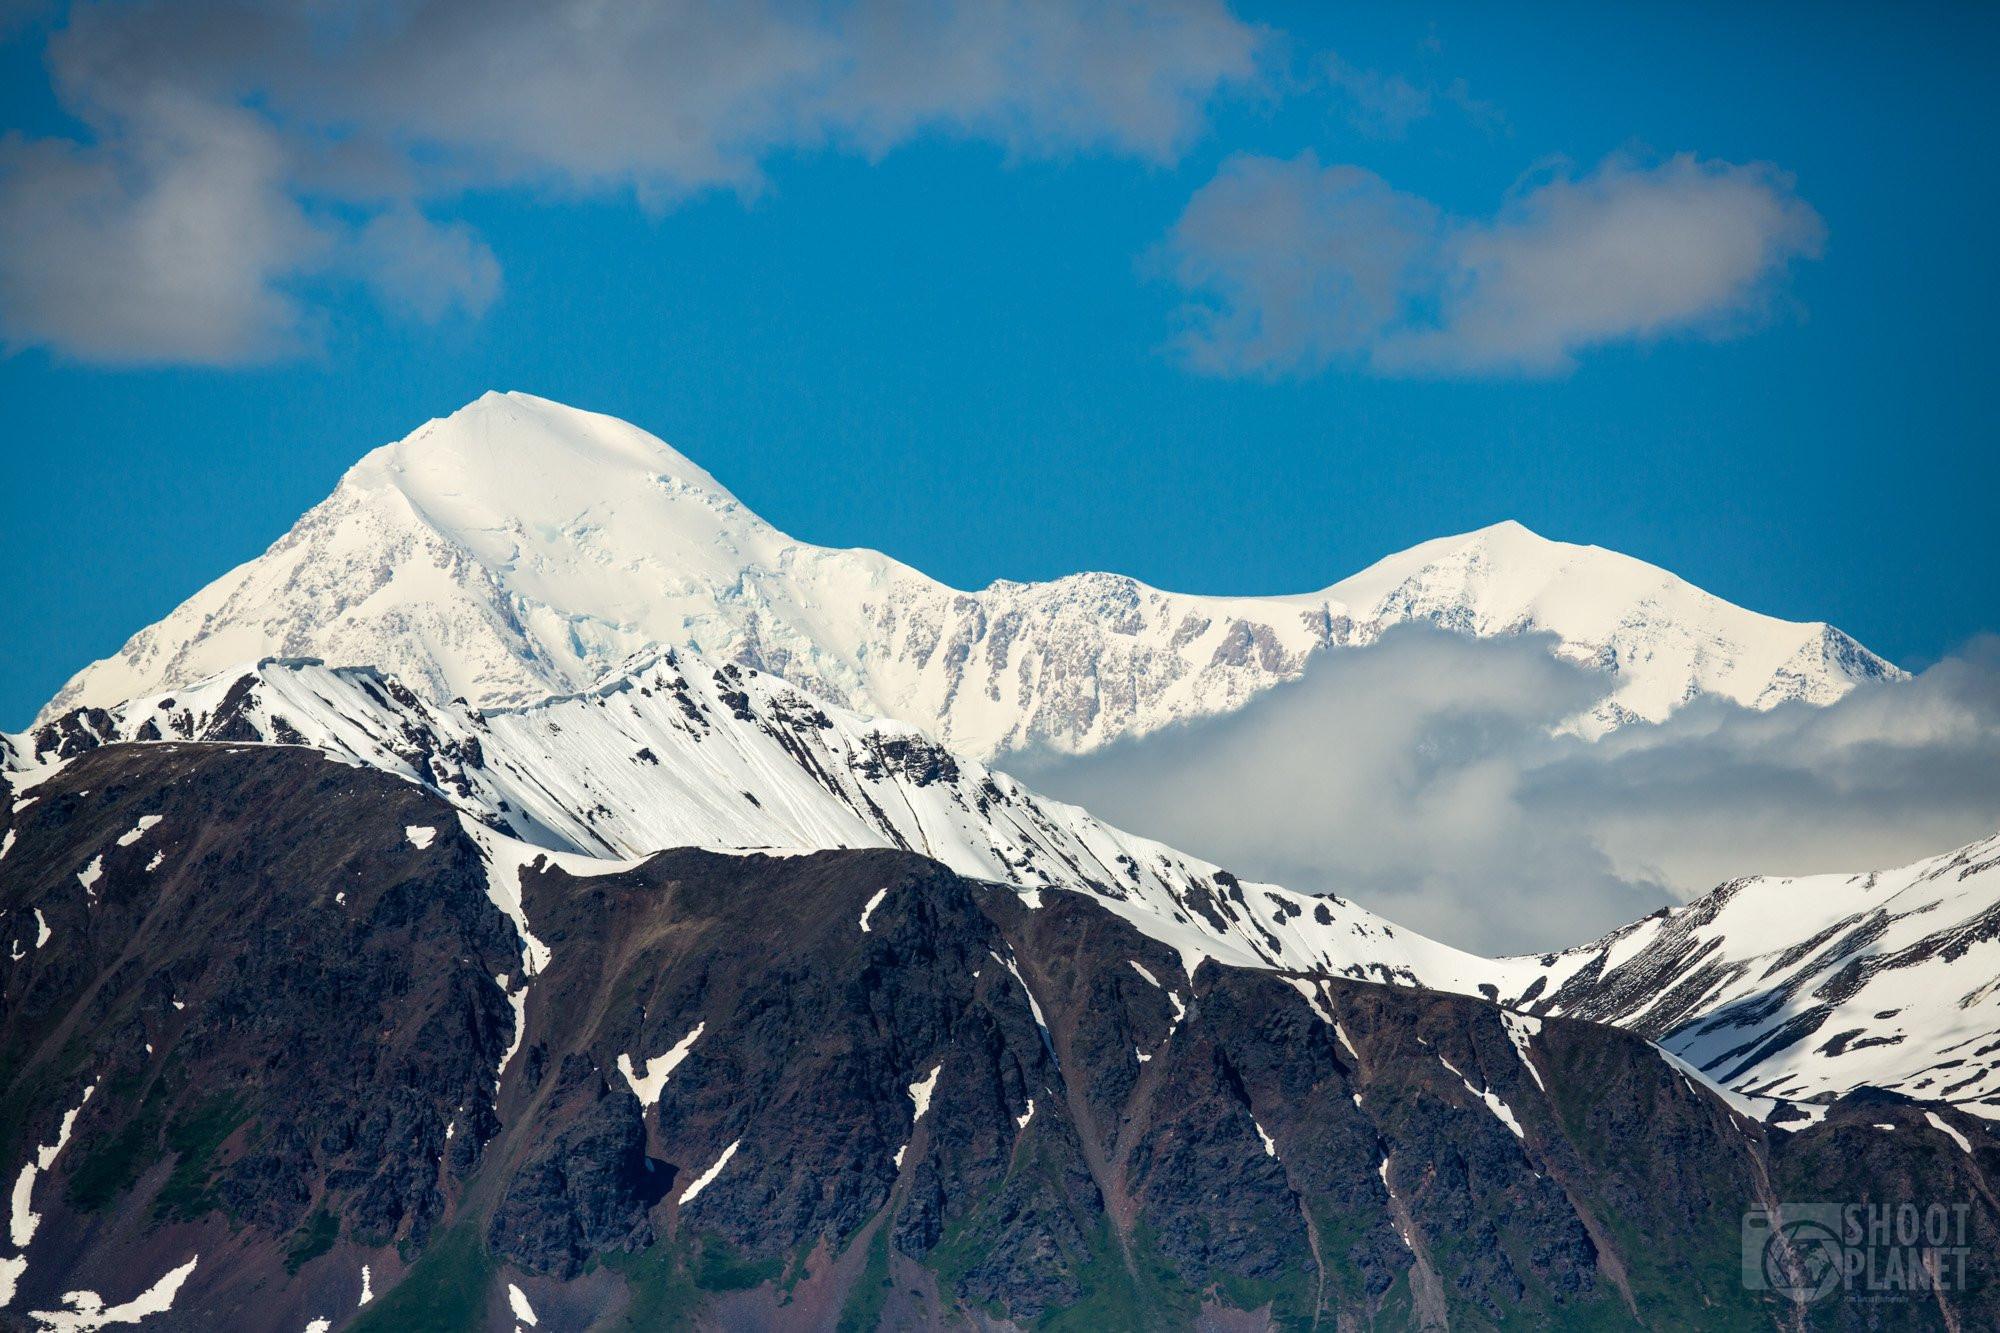 Denali mountain close-up view, Alaska USA